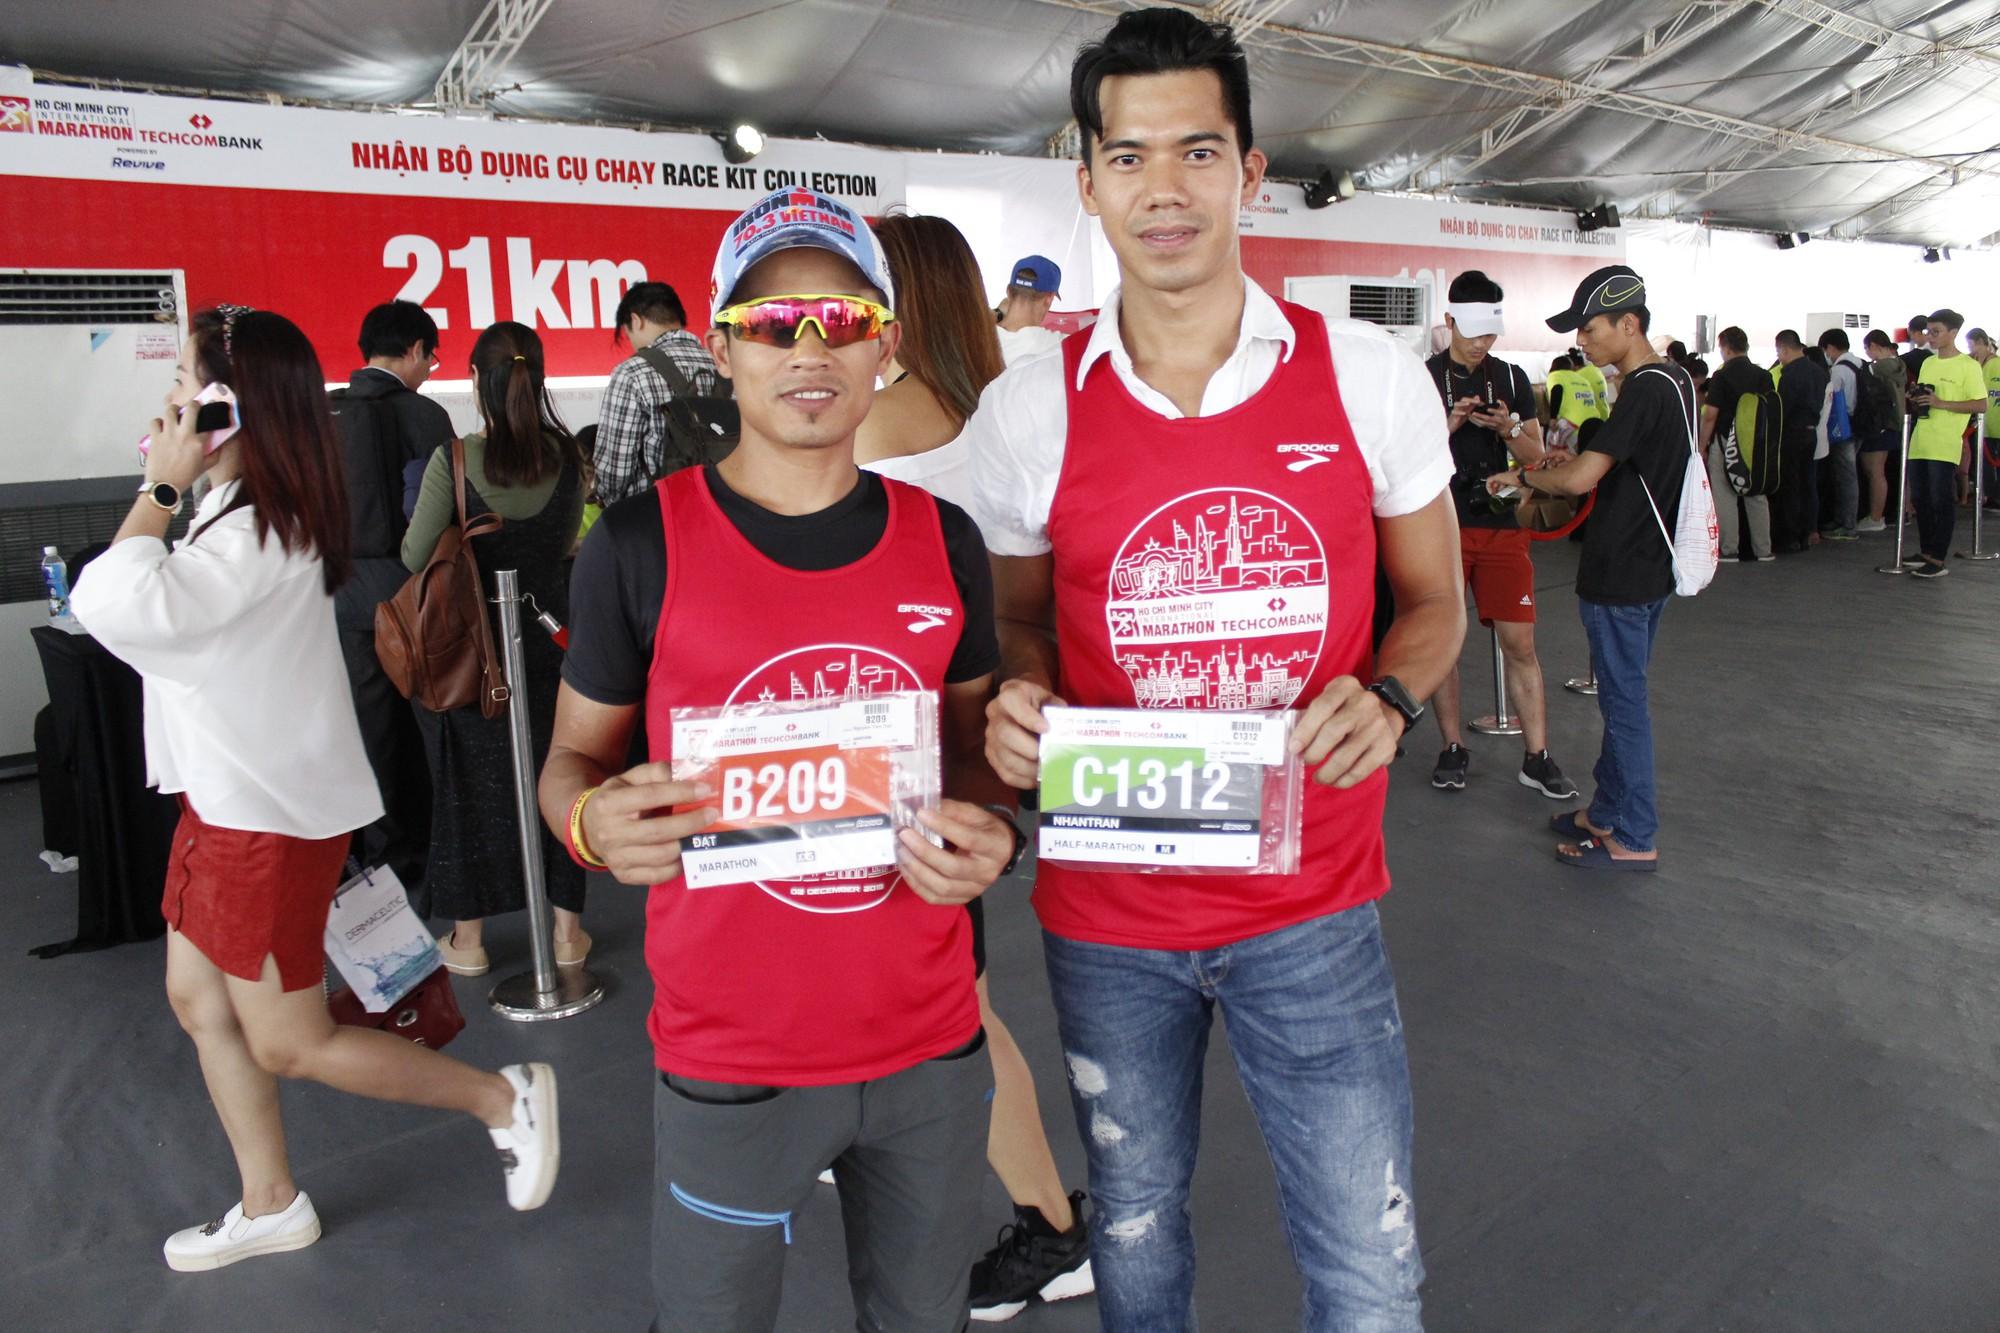 Hàng ngàn VĐV hào hứng đến nhận bib marathon quốc tế Techcombank - Ảnh 4.